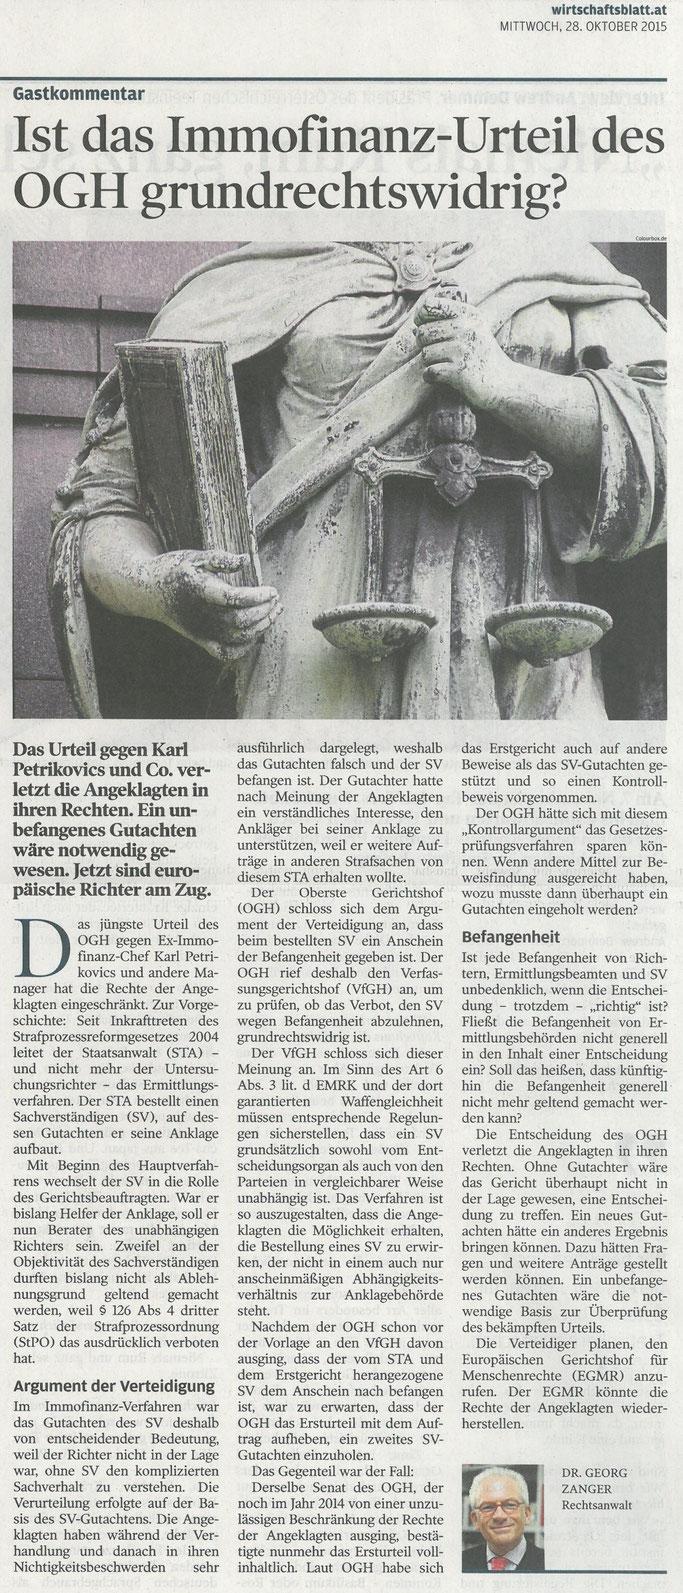 Gastkommentar im Wirtschaftsblatt vom 28.10.2015